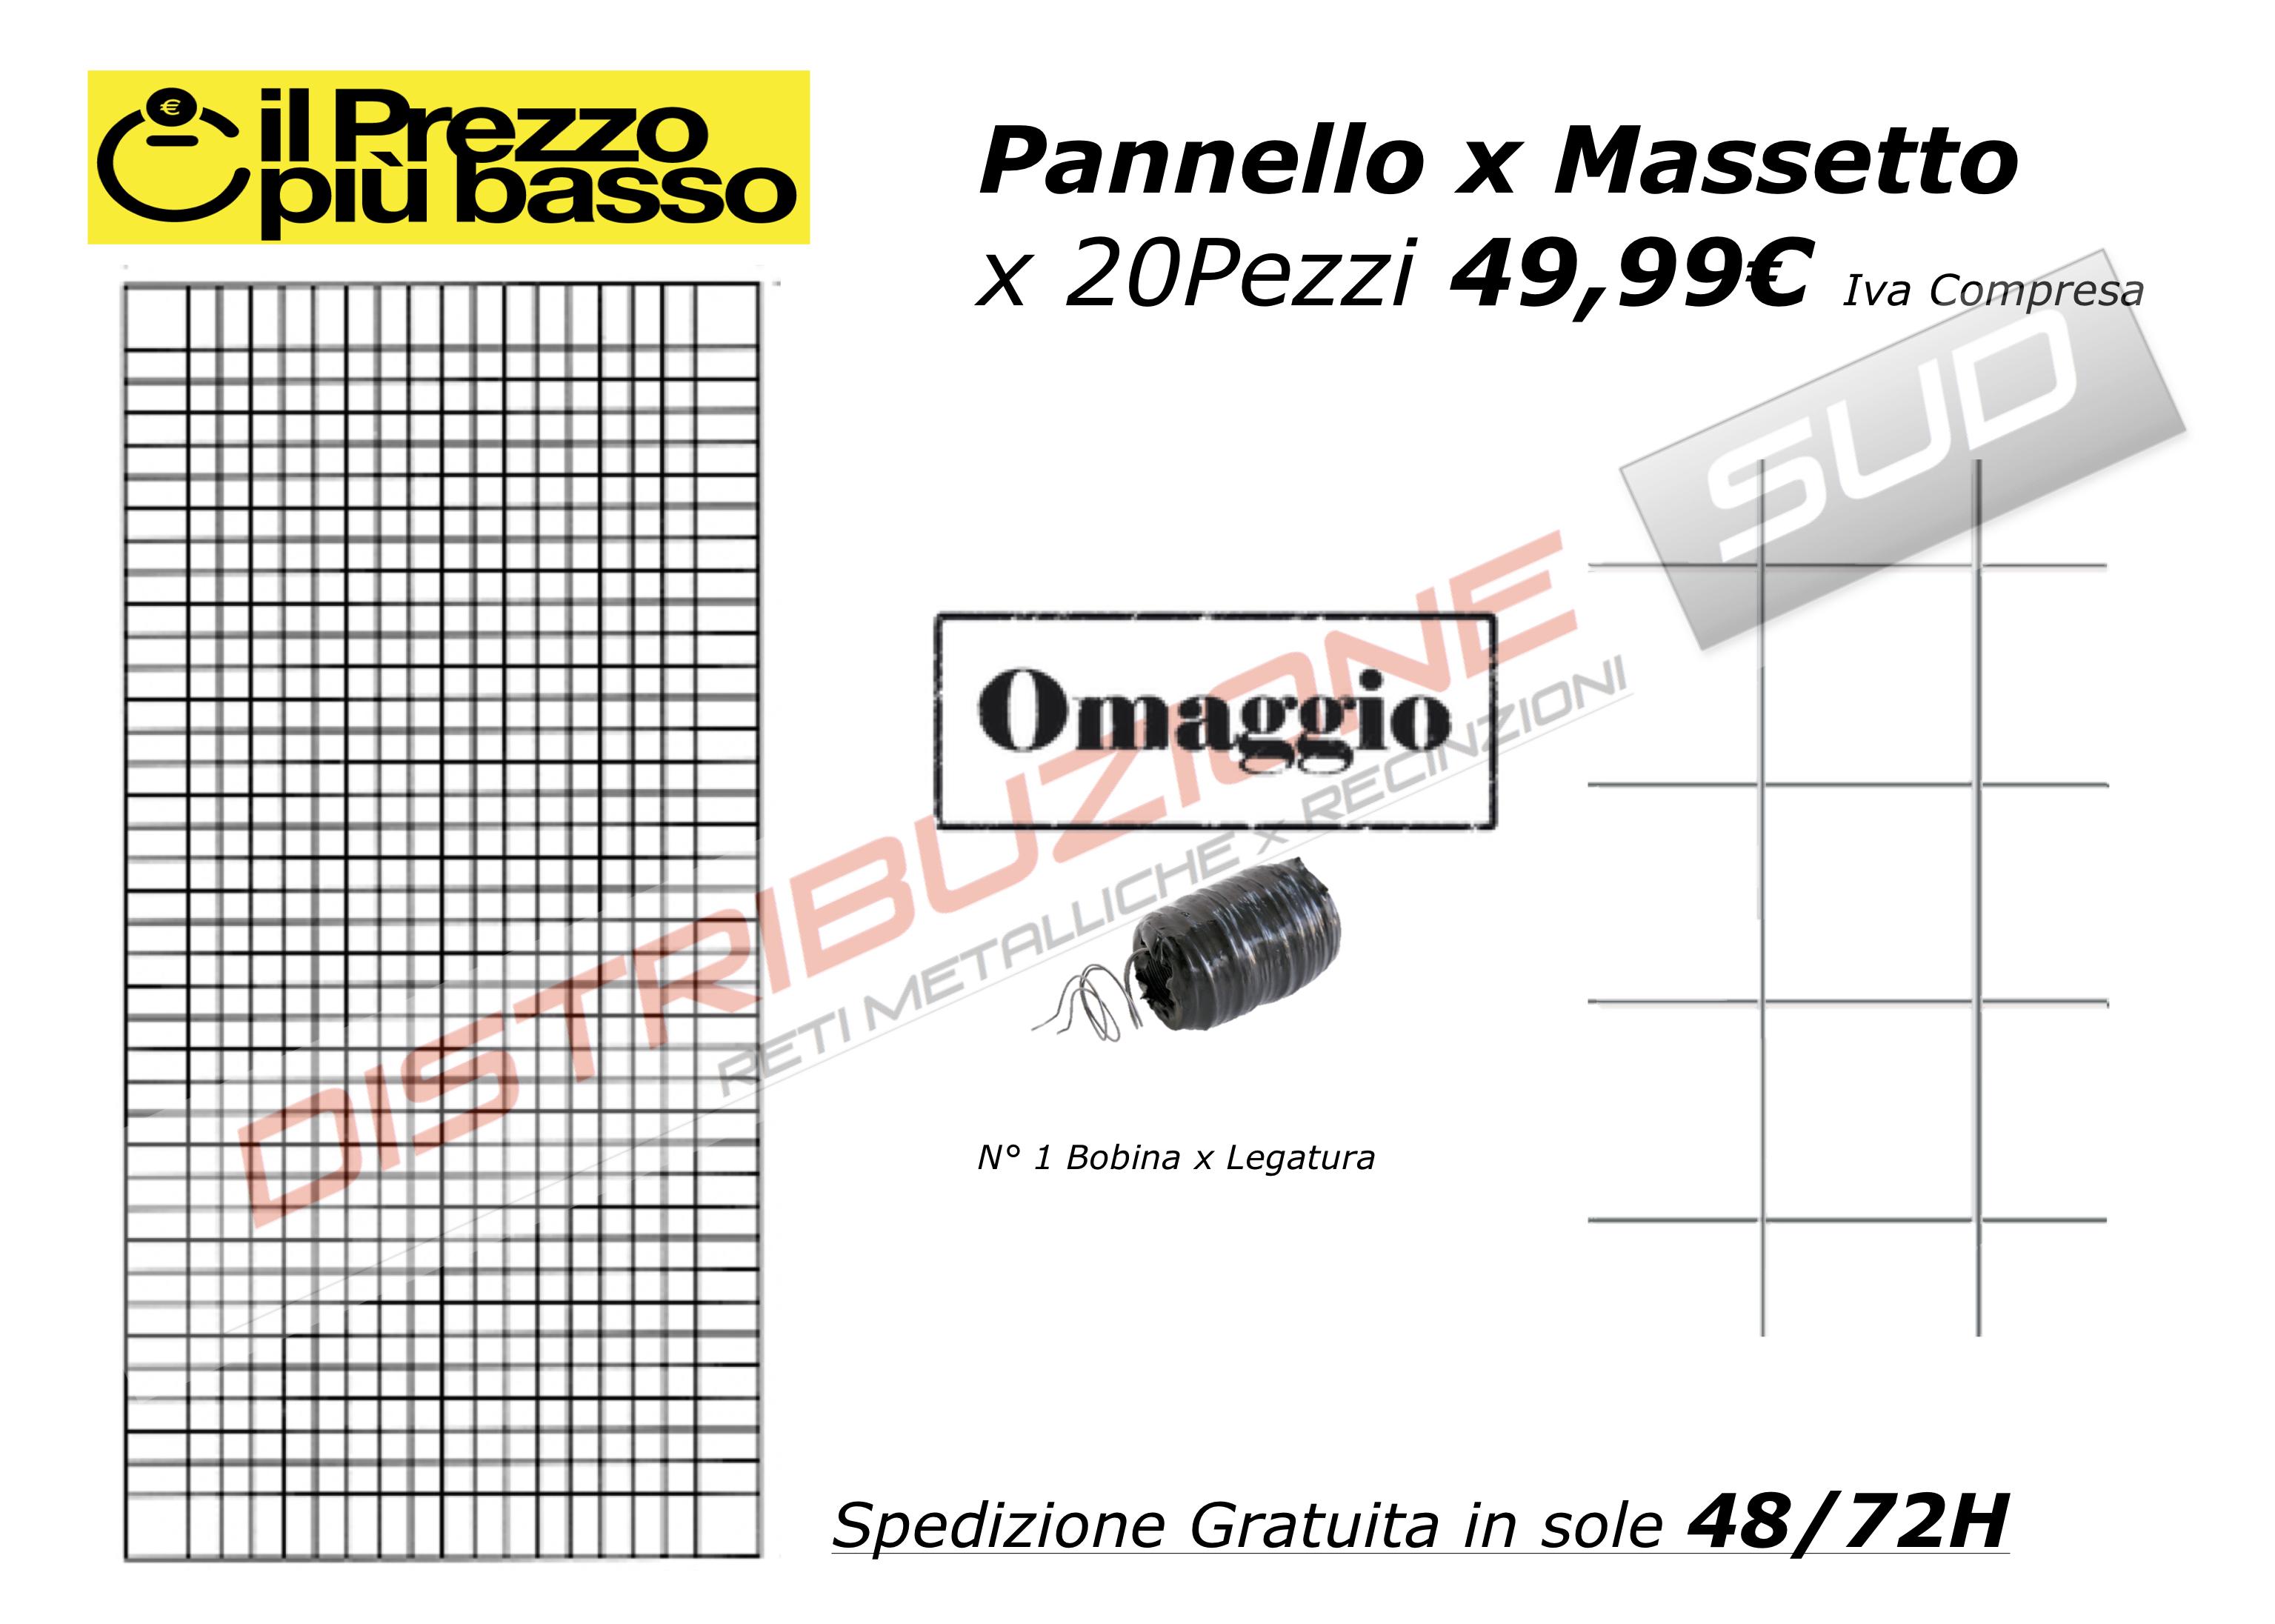 Pannello x Massetto 20 pezzi